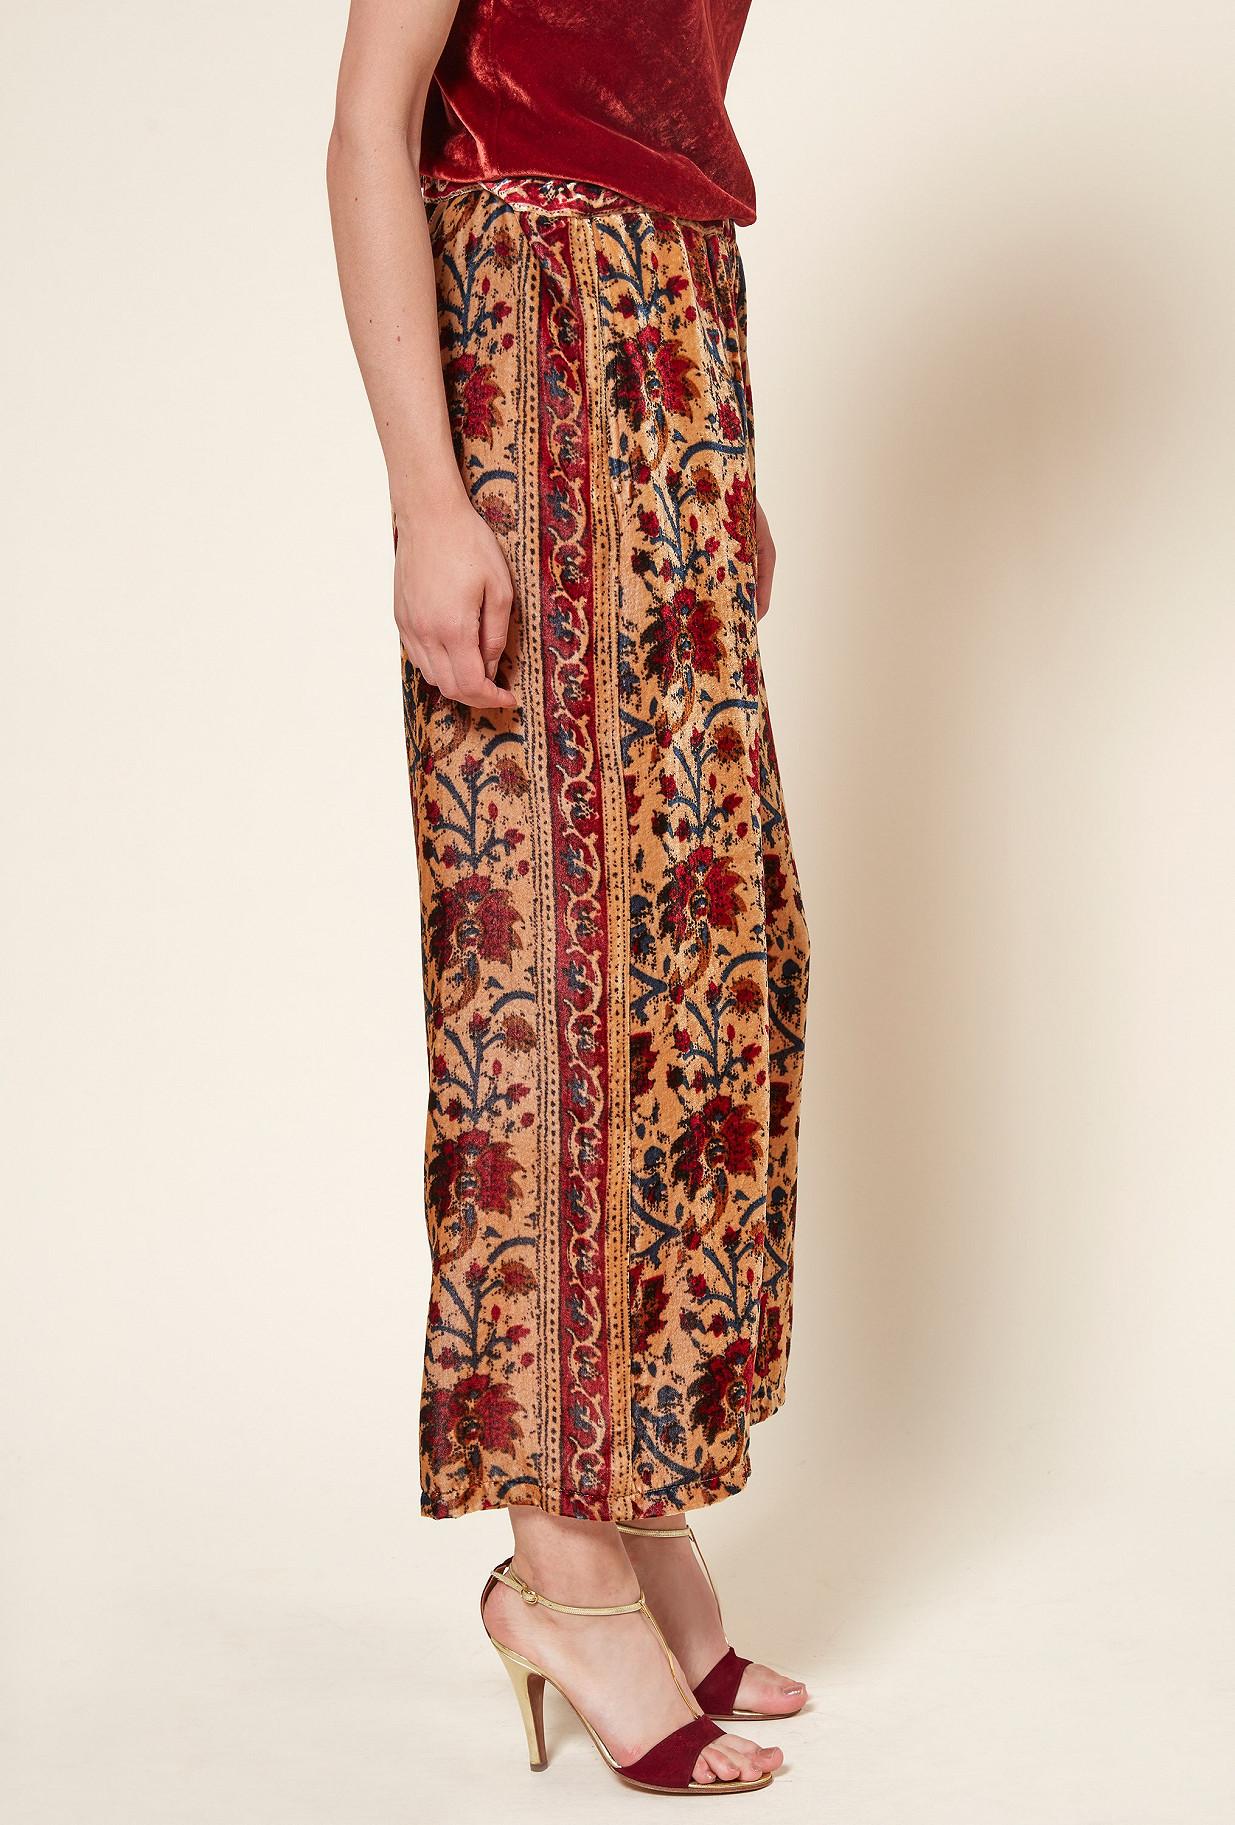 Floral print  PANT  Cyrus Mes demoiselles fashion clothes designer Paris